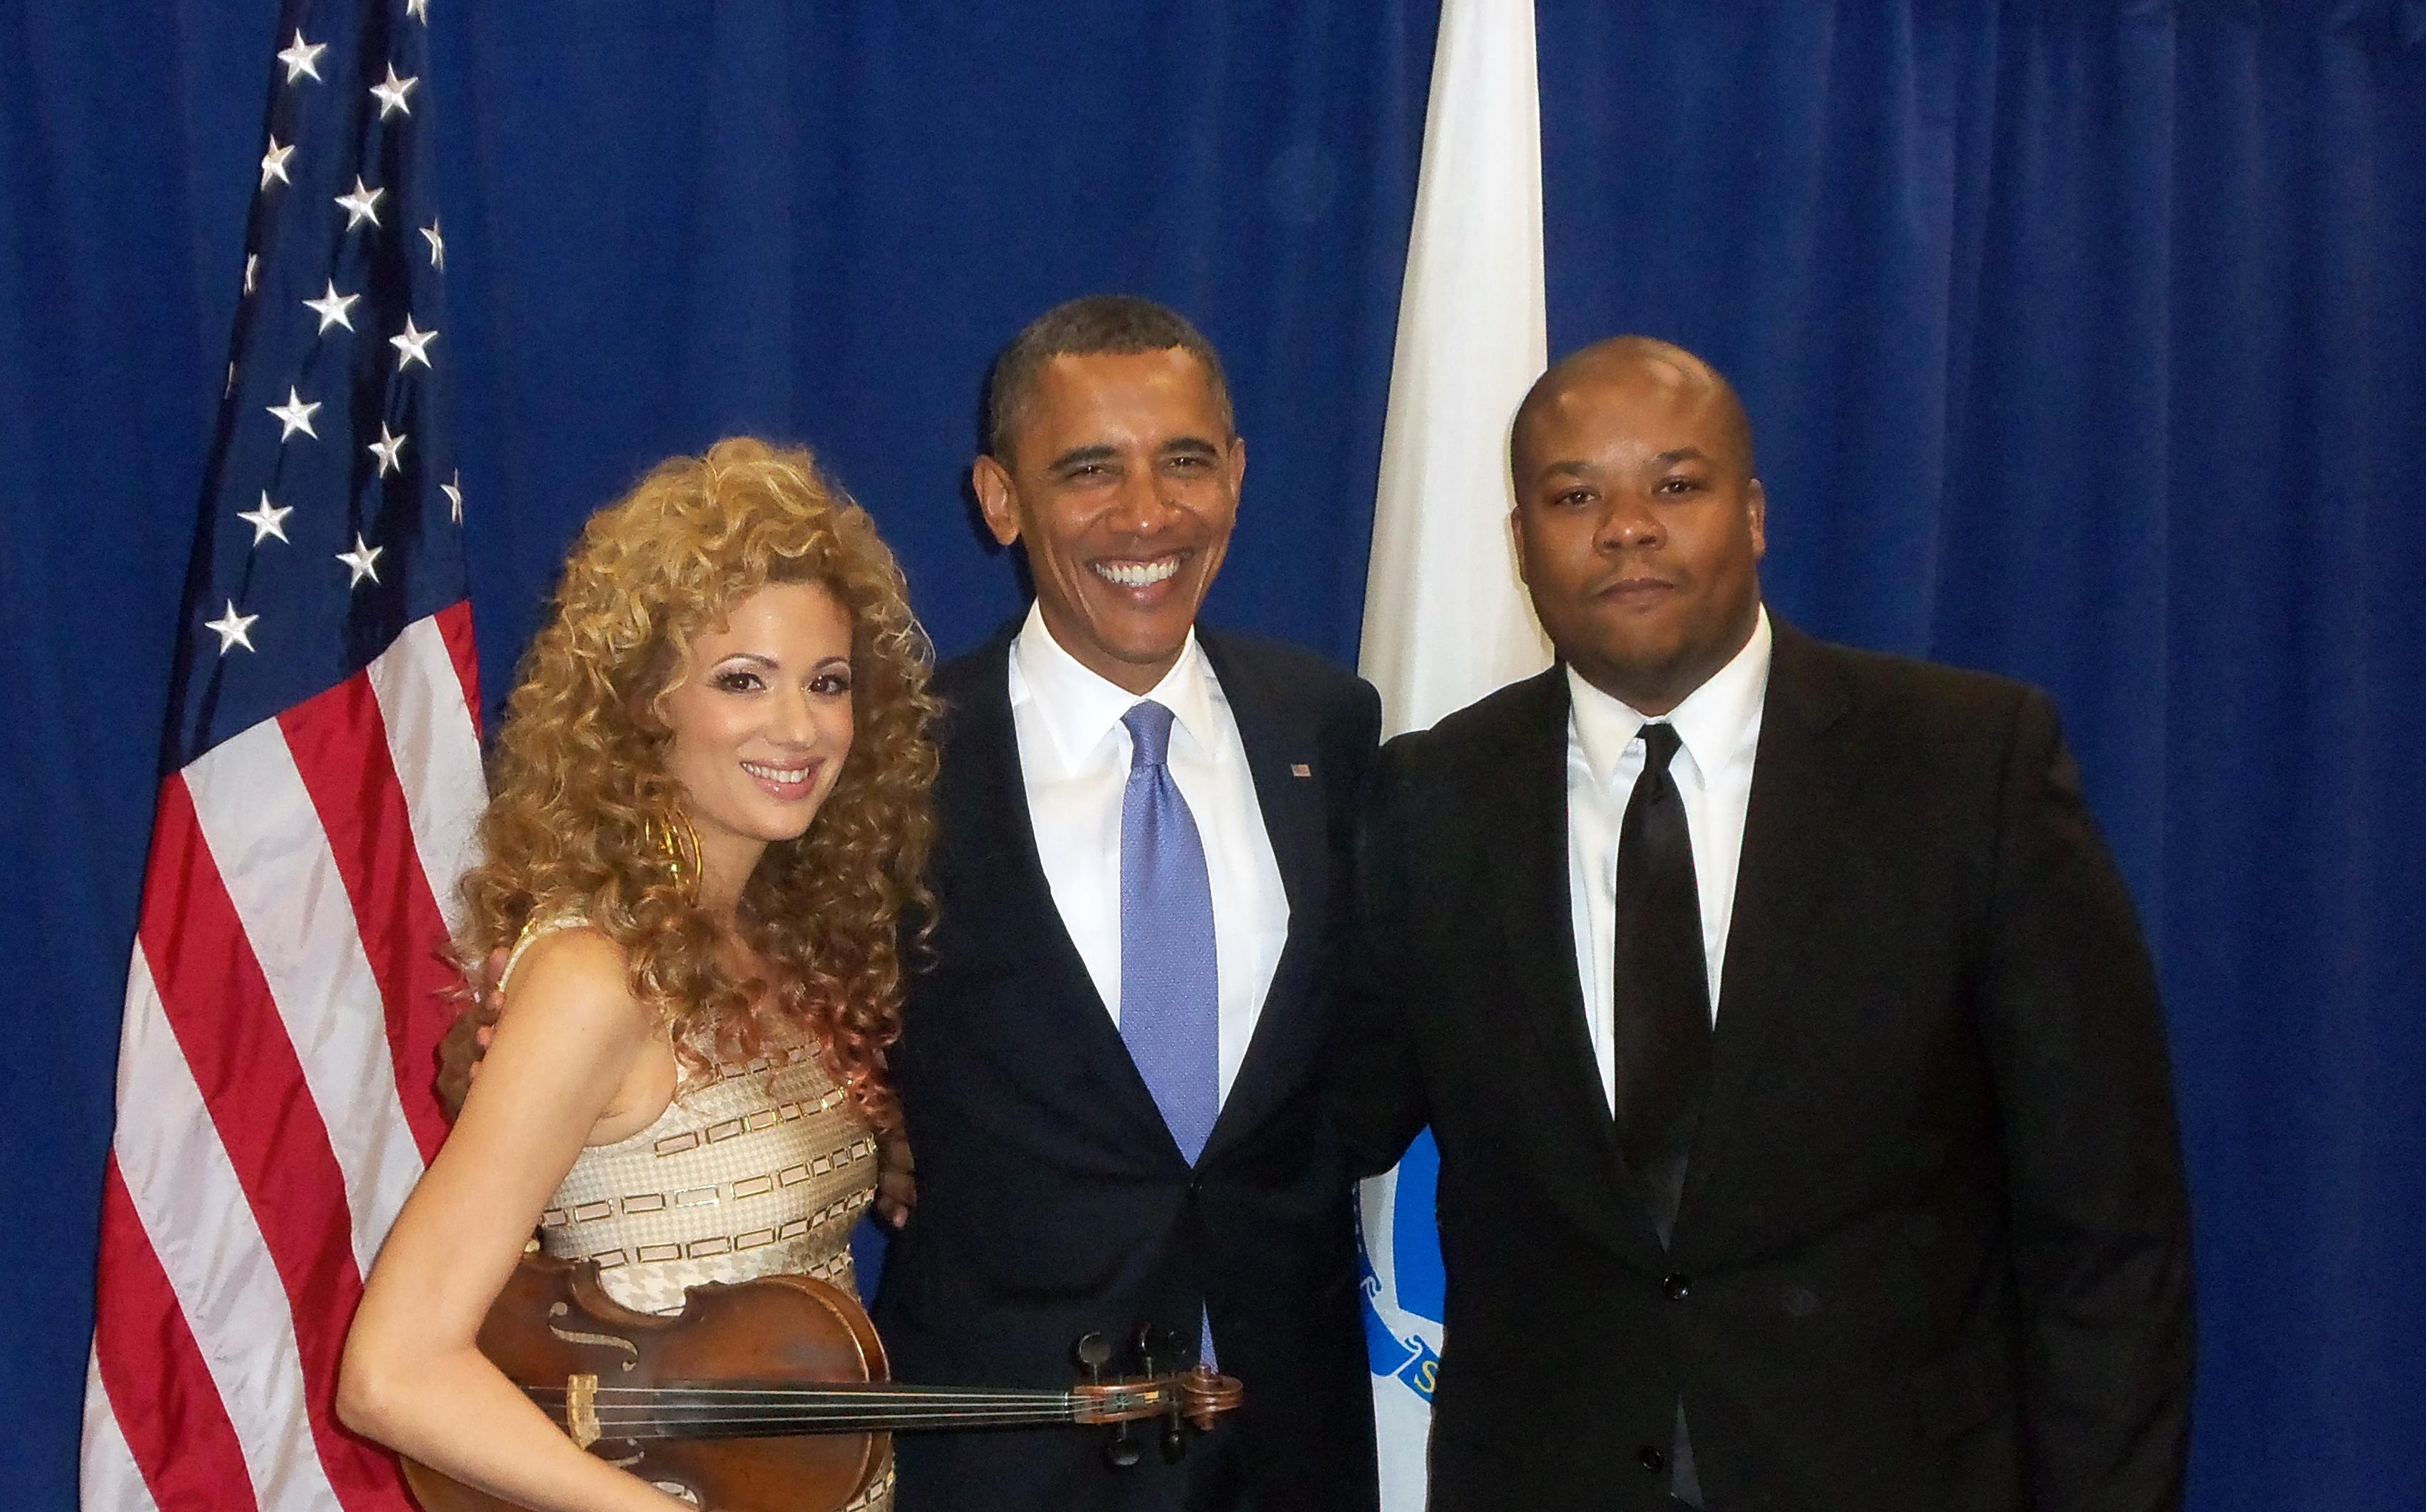 ObamaSejour